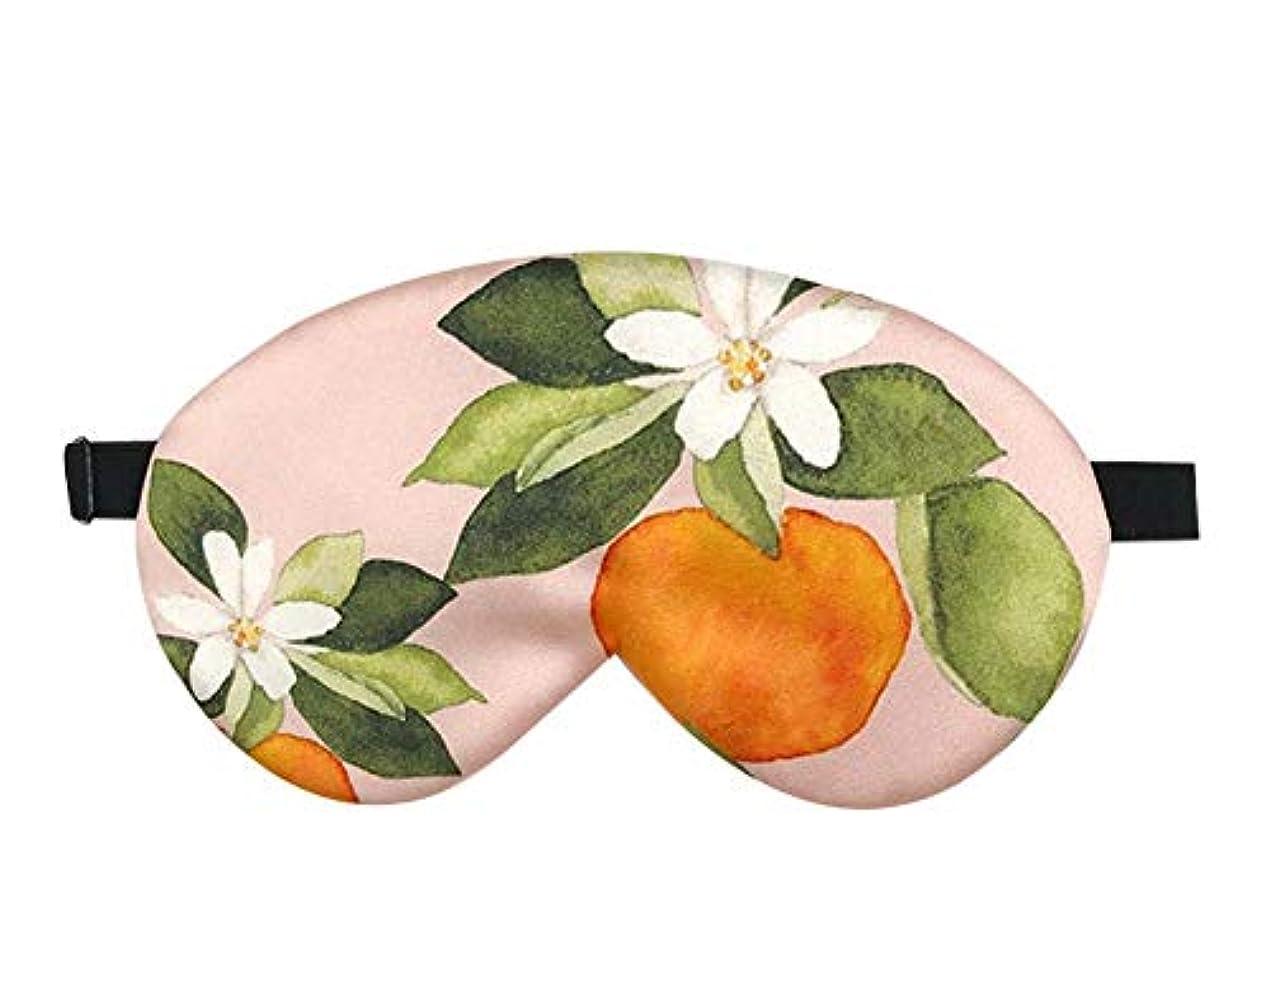 福祉シェフ勃起両面シルクアイマスク調節可能なストラップ付きのエレガントなアイシェードスリープアイマスク (小オレンジ)